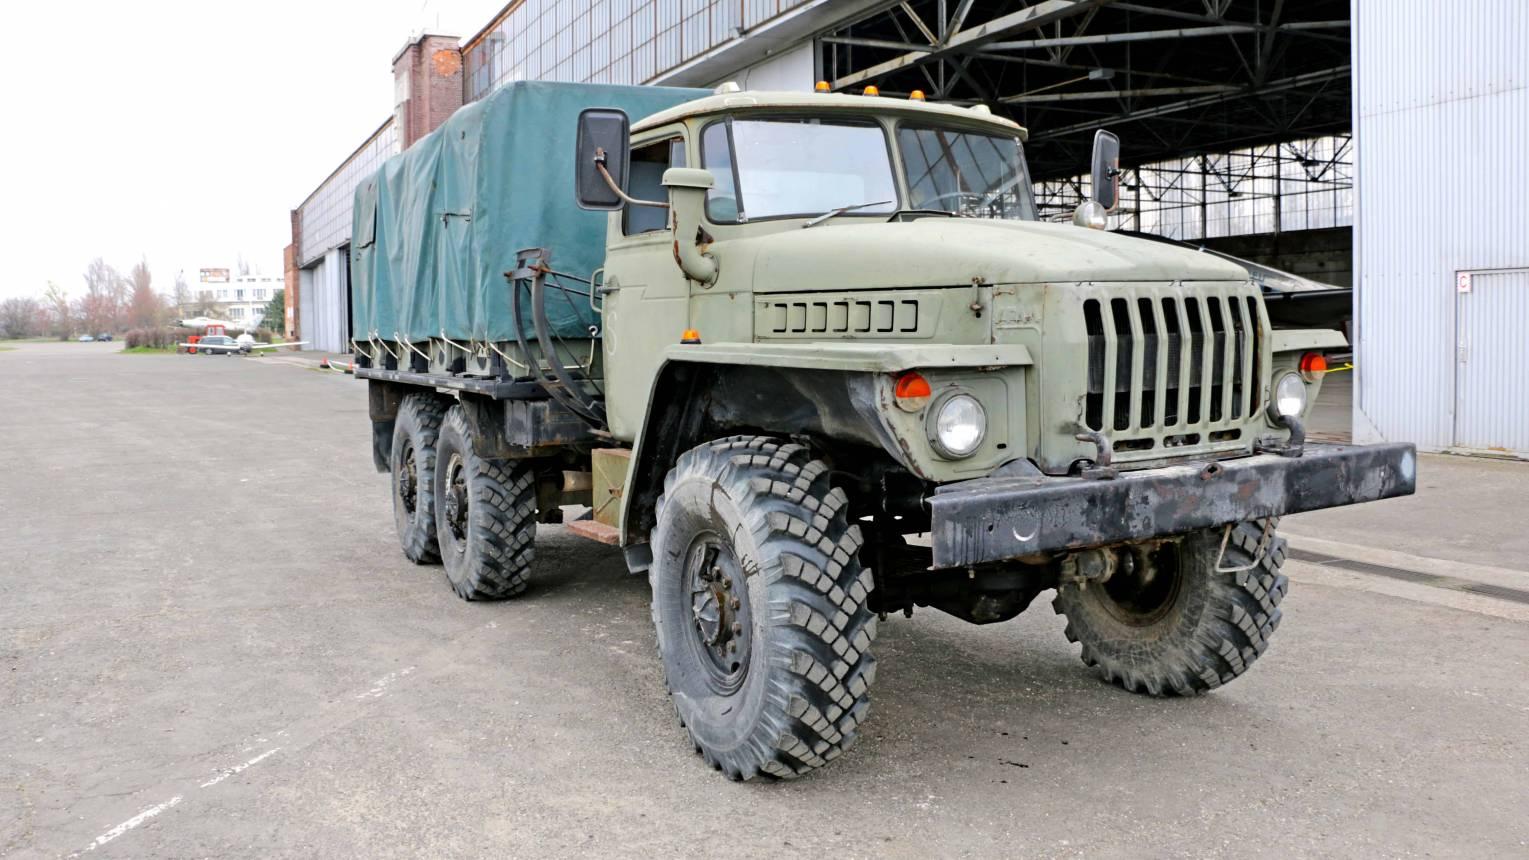 URAL, katonai jármű vezetés